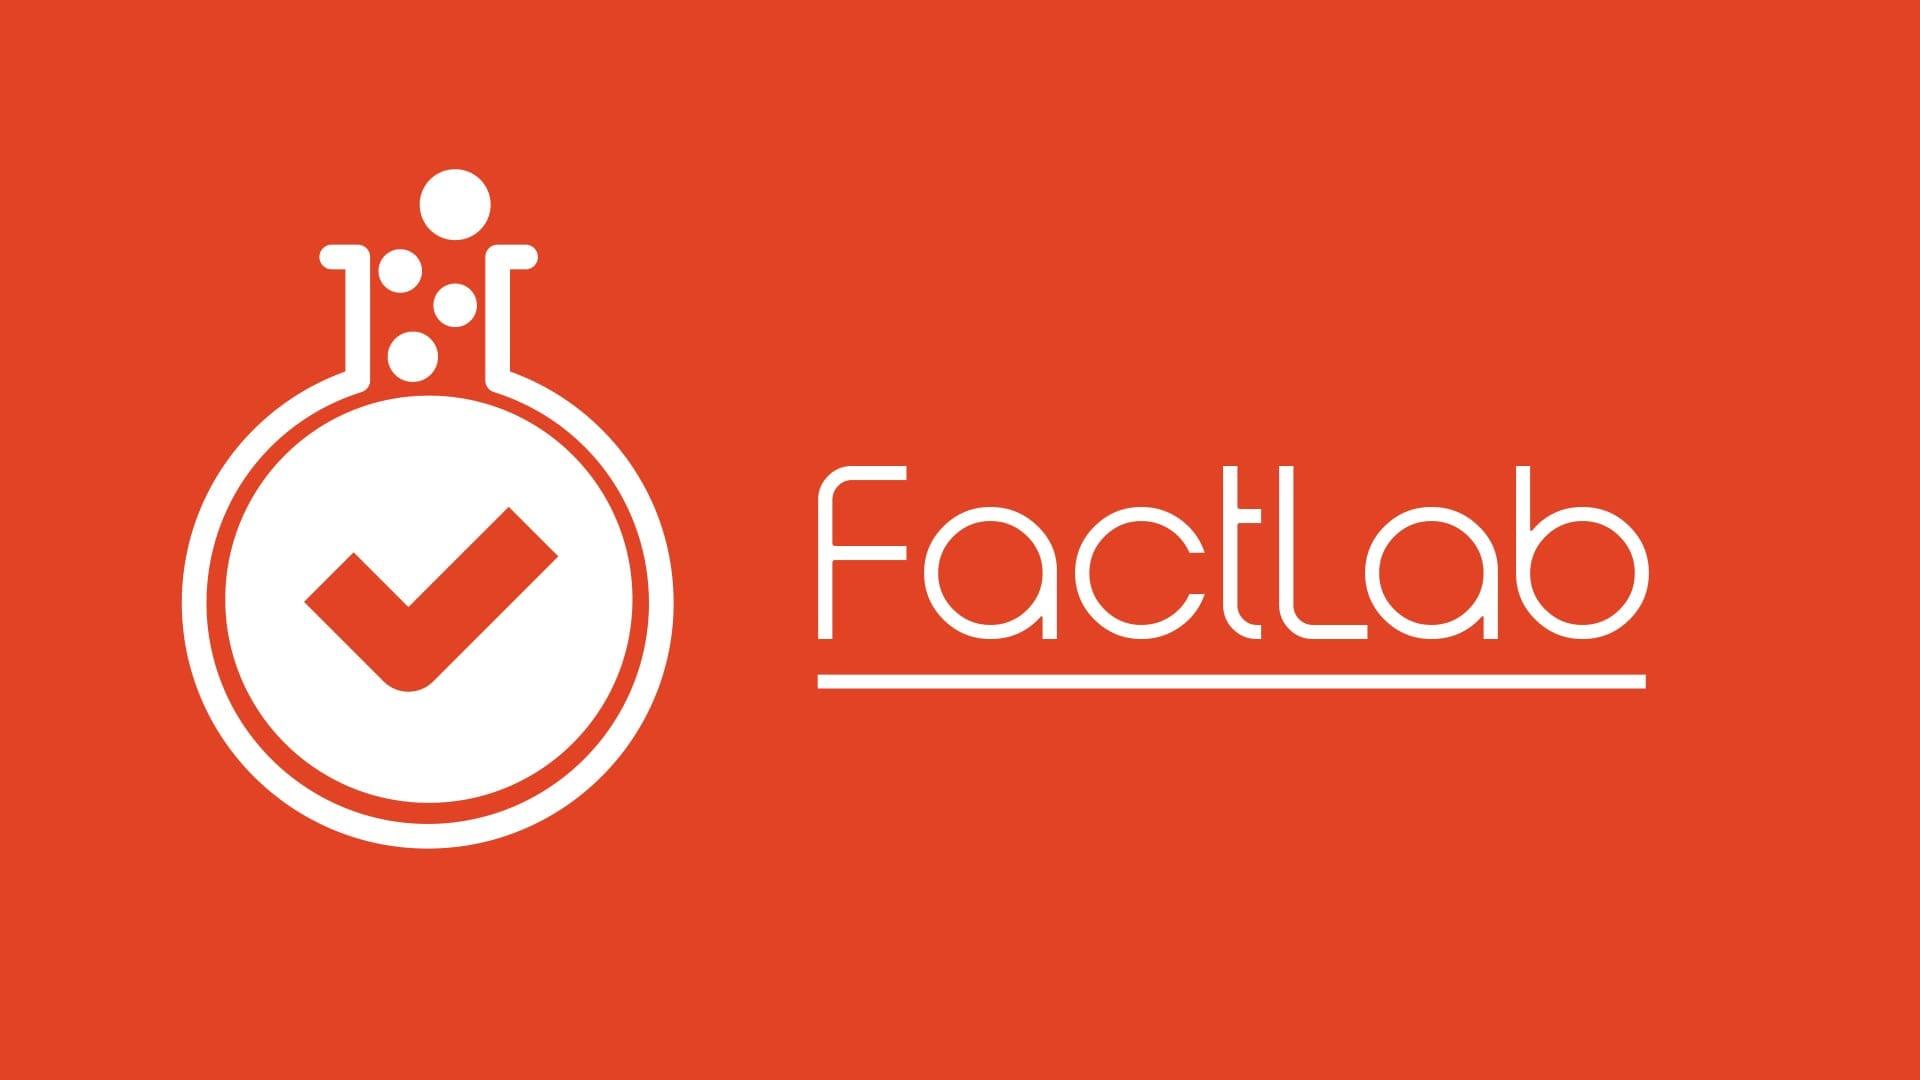 FactLab